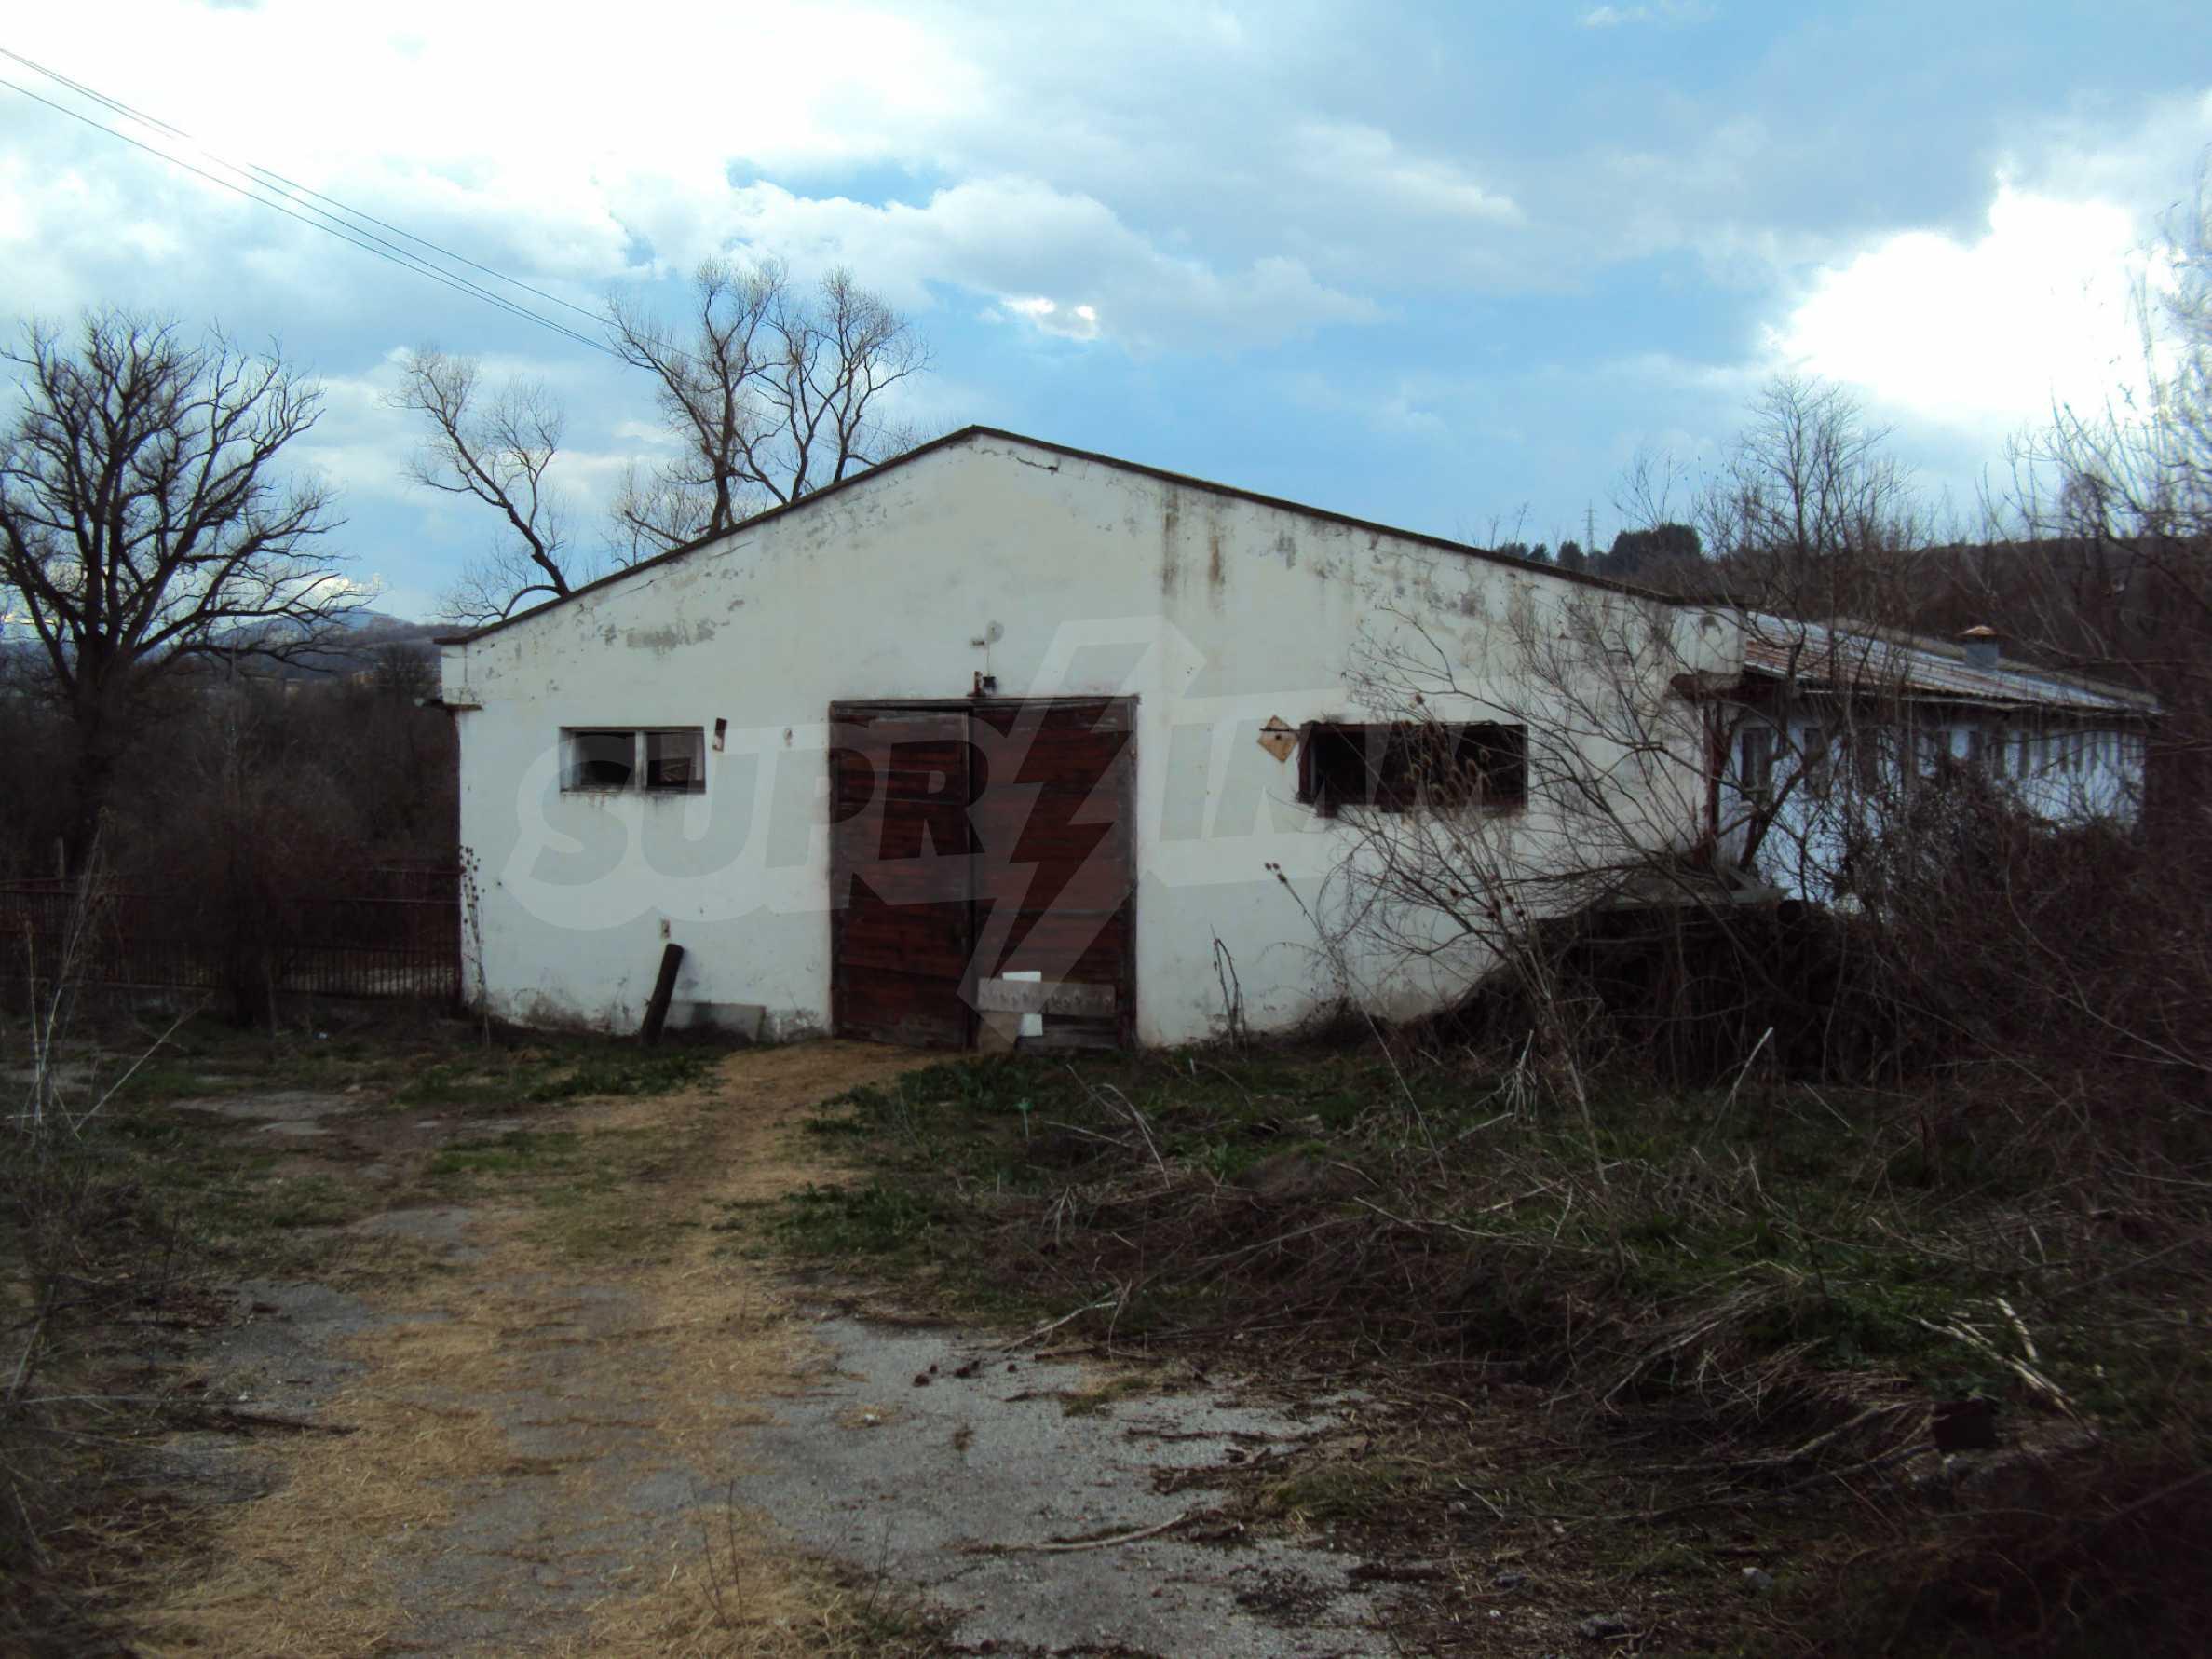 Ein Nebengebäude in einer kleinen Stadt 24 km von Veliko Tarnovo entfernt 15